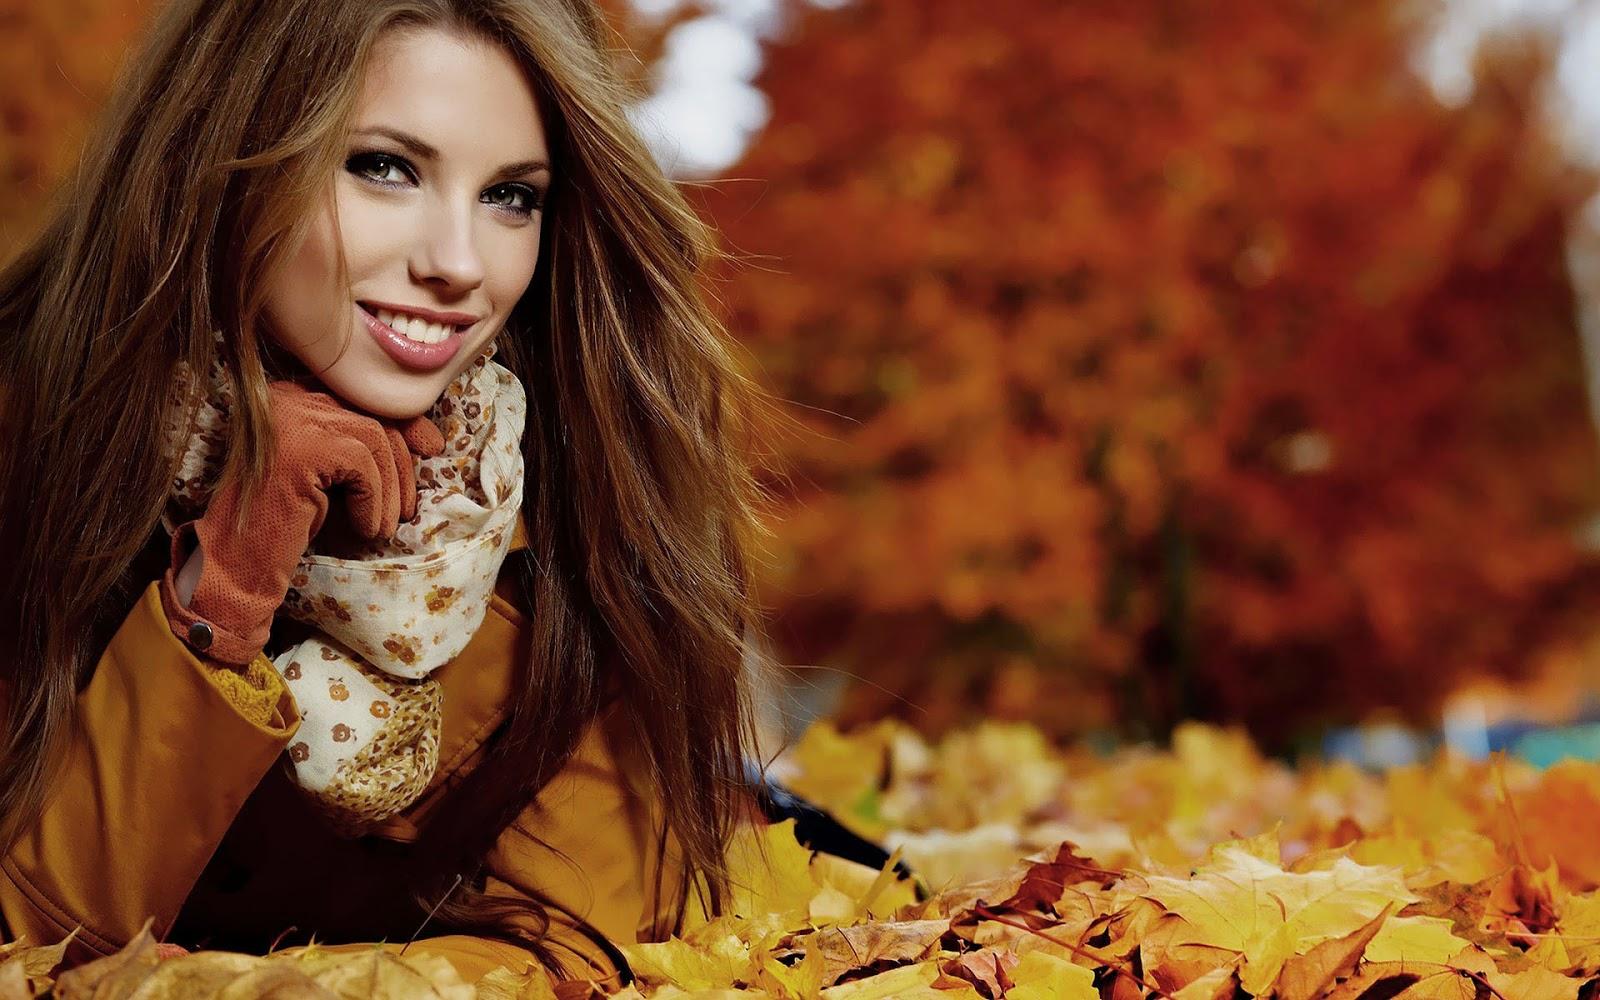 http://4.bp.blogspot.com/-W2f8I4X0I1Q/UI1lHH7VKEI/AAAAAAAAII0/1I1XdrsOimI/s1600/herfst-achtergrond-met-een-vrouw-hd-herfst-wallpaper.jpg